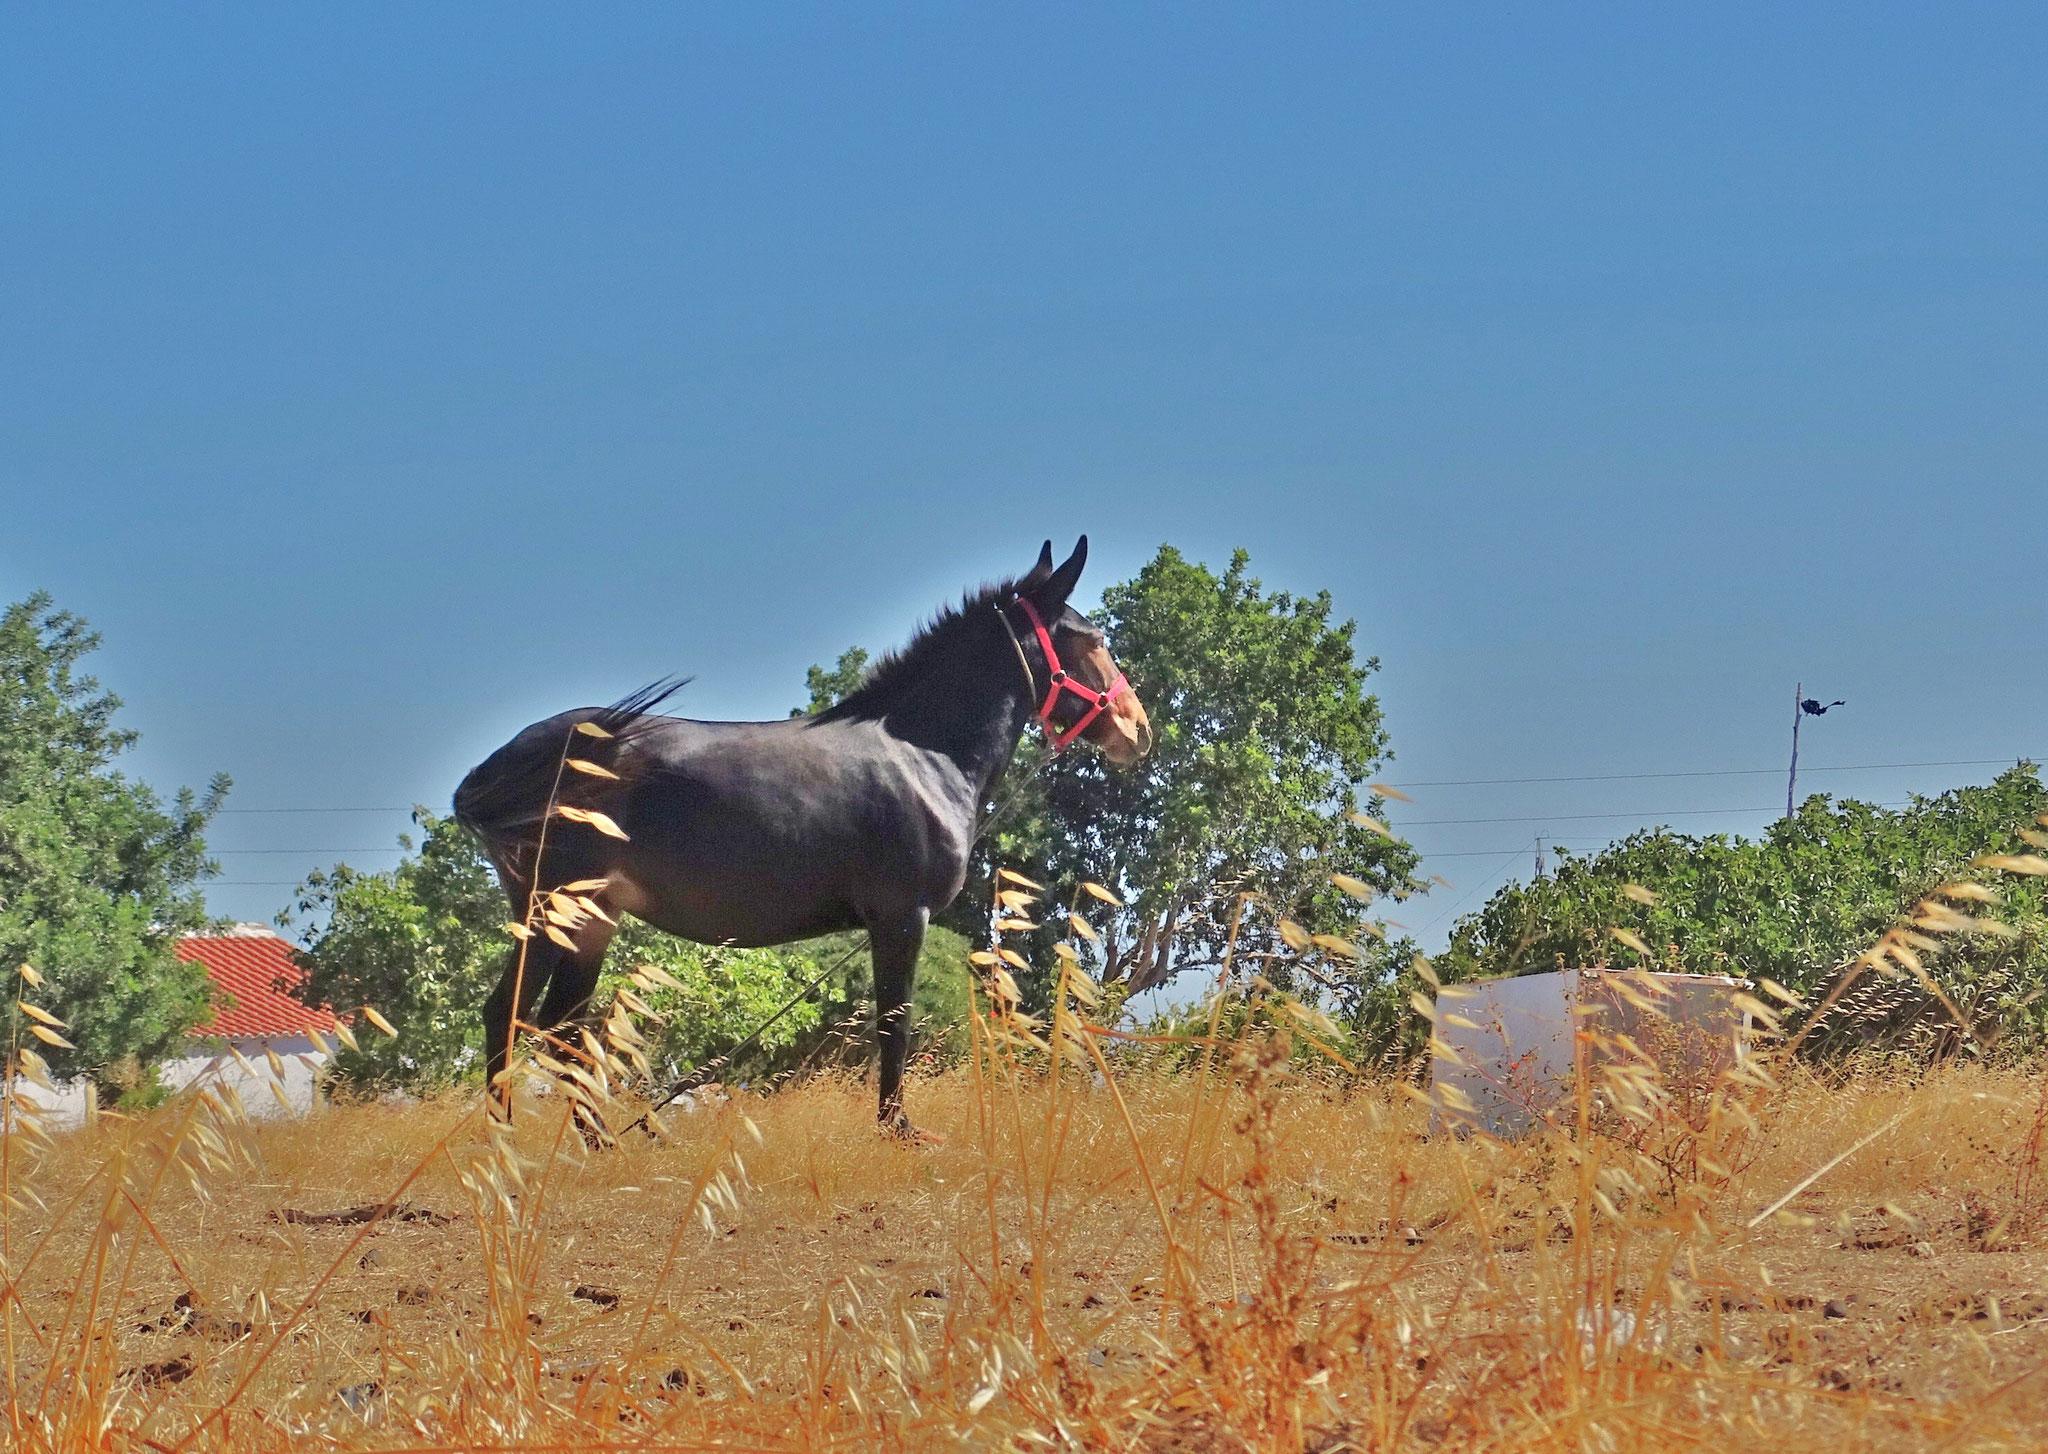 auch Algarvesommer! dieser Esel ist einfach eine Augenweide, rund und glänzend und zufrieden steht er da